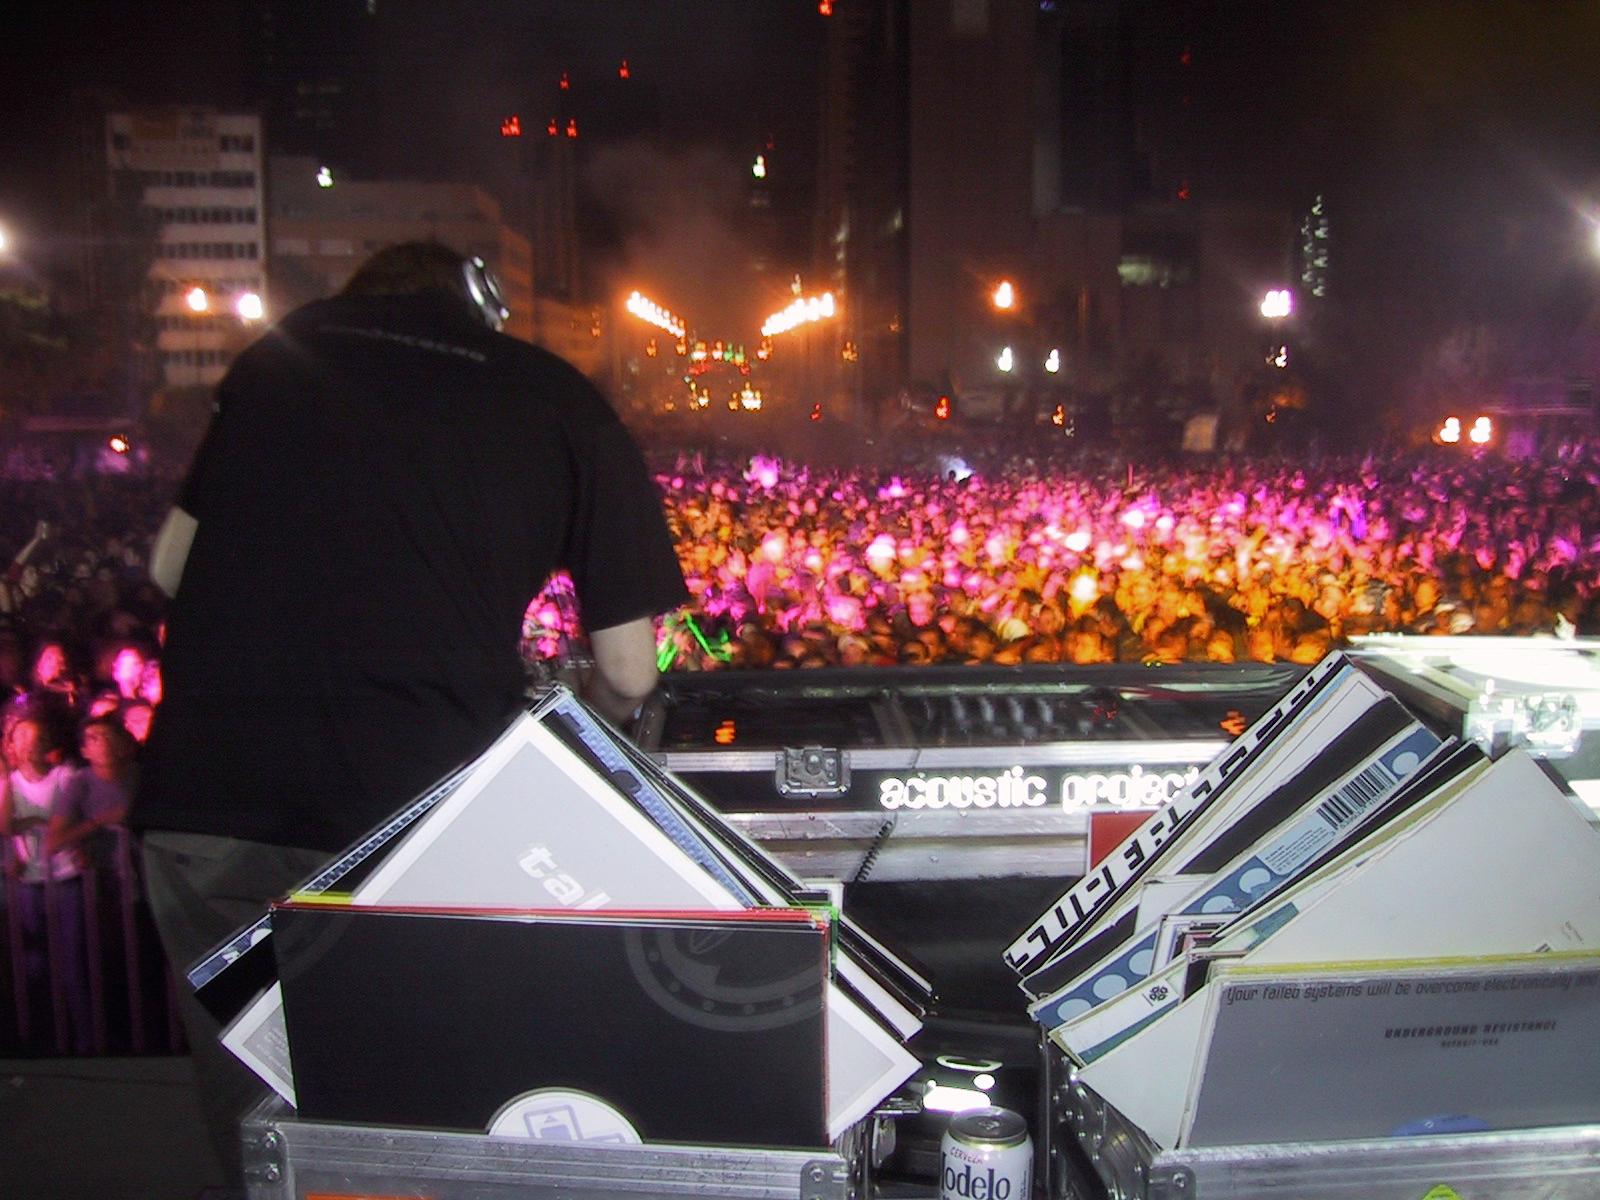 139-DJ Mijk van Dijk